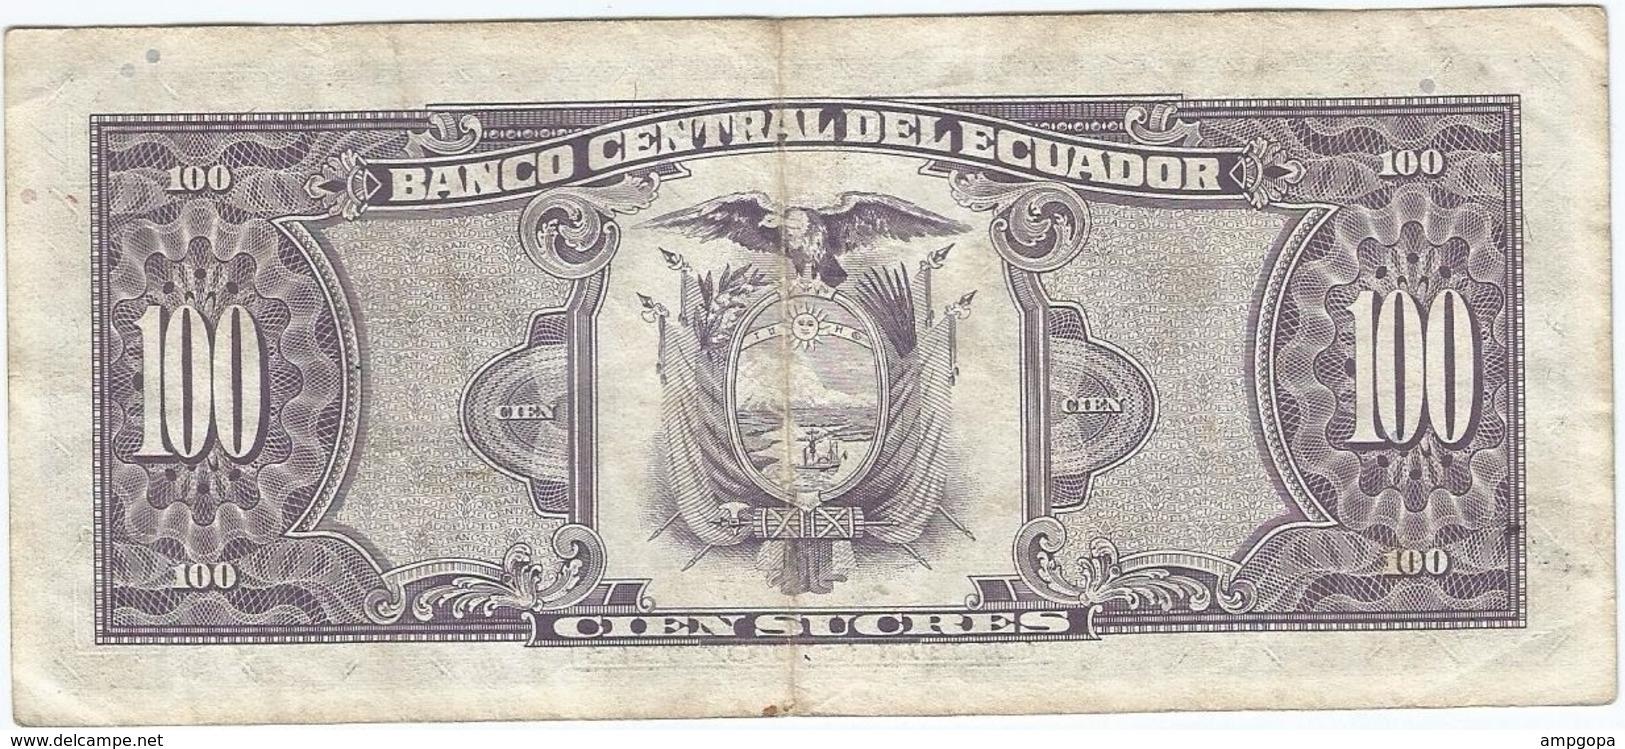 Ecuador 100 Sucres 21-2-1994 Pk 123 A.c Ref 1478 - Ecuador